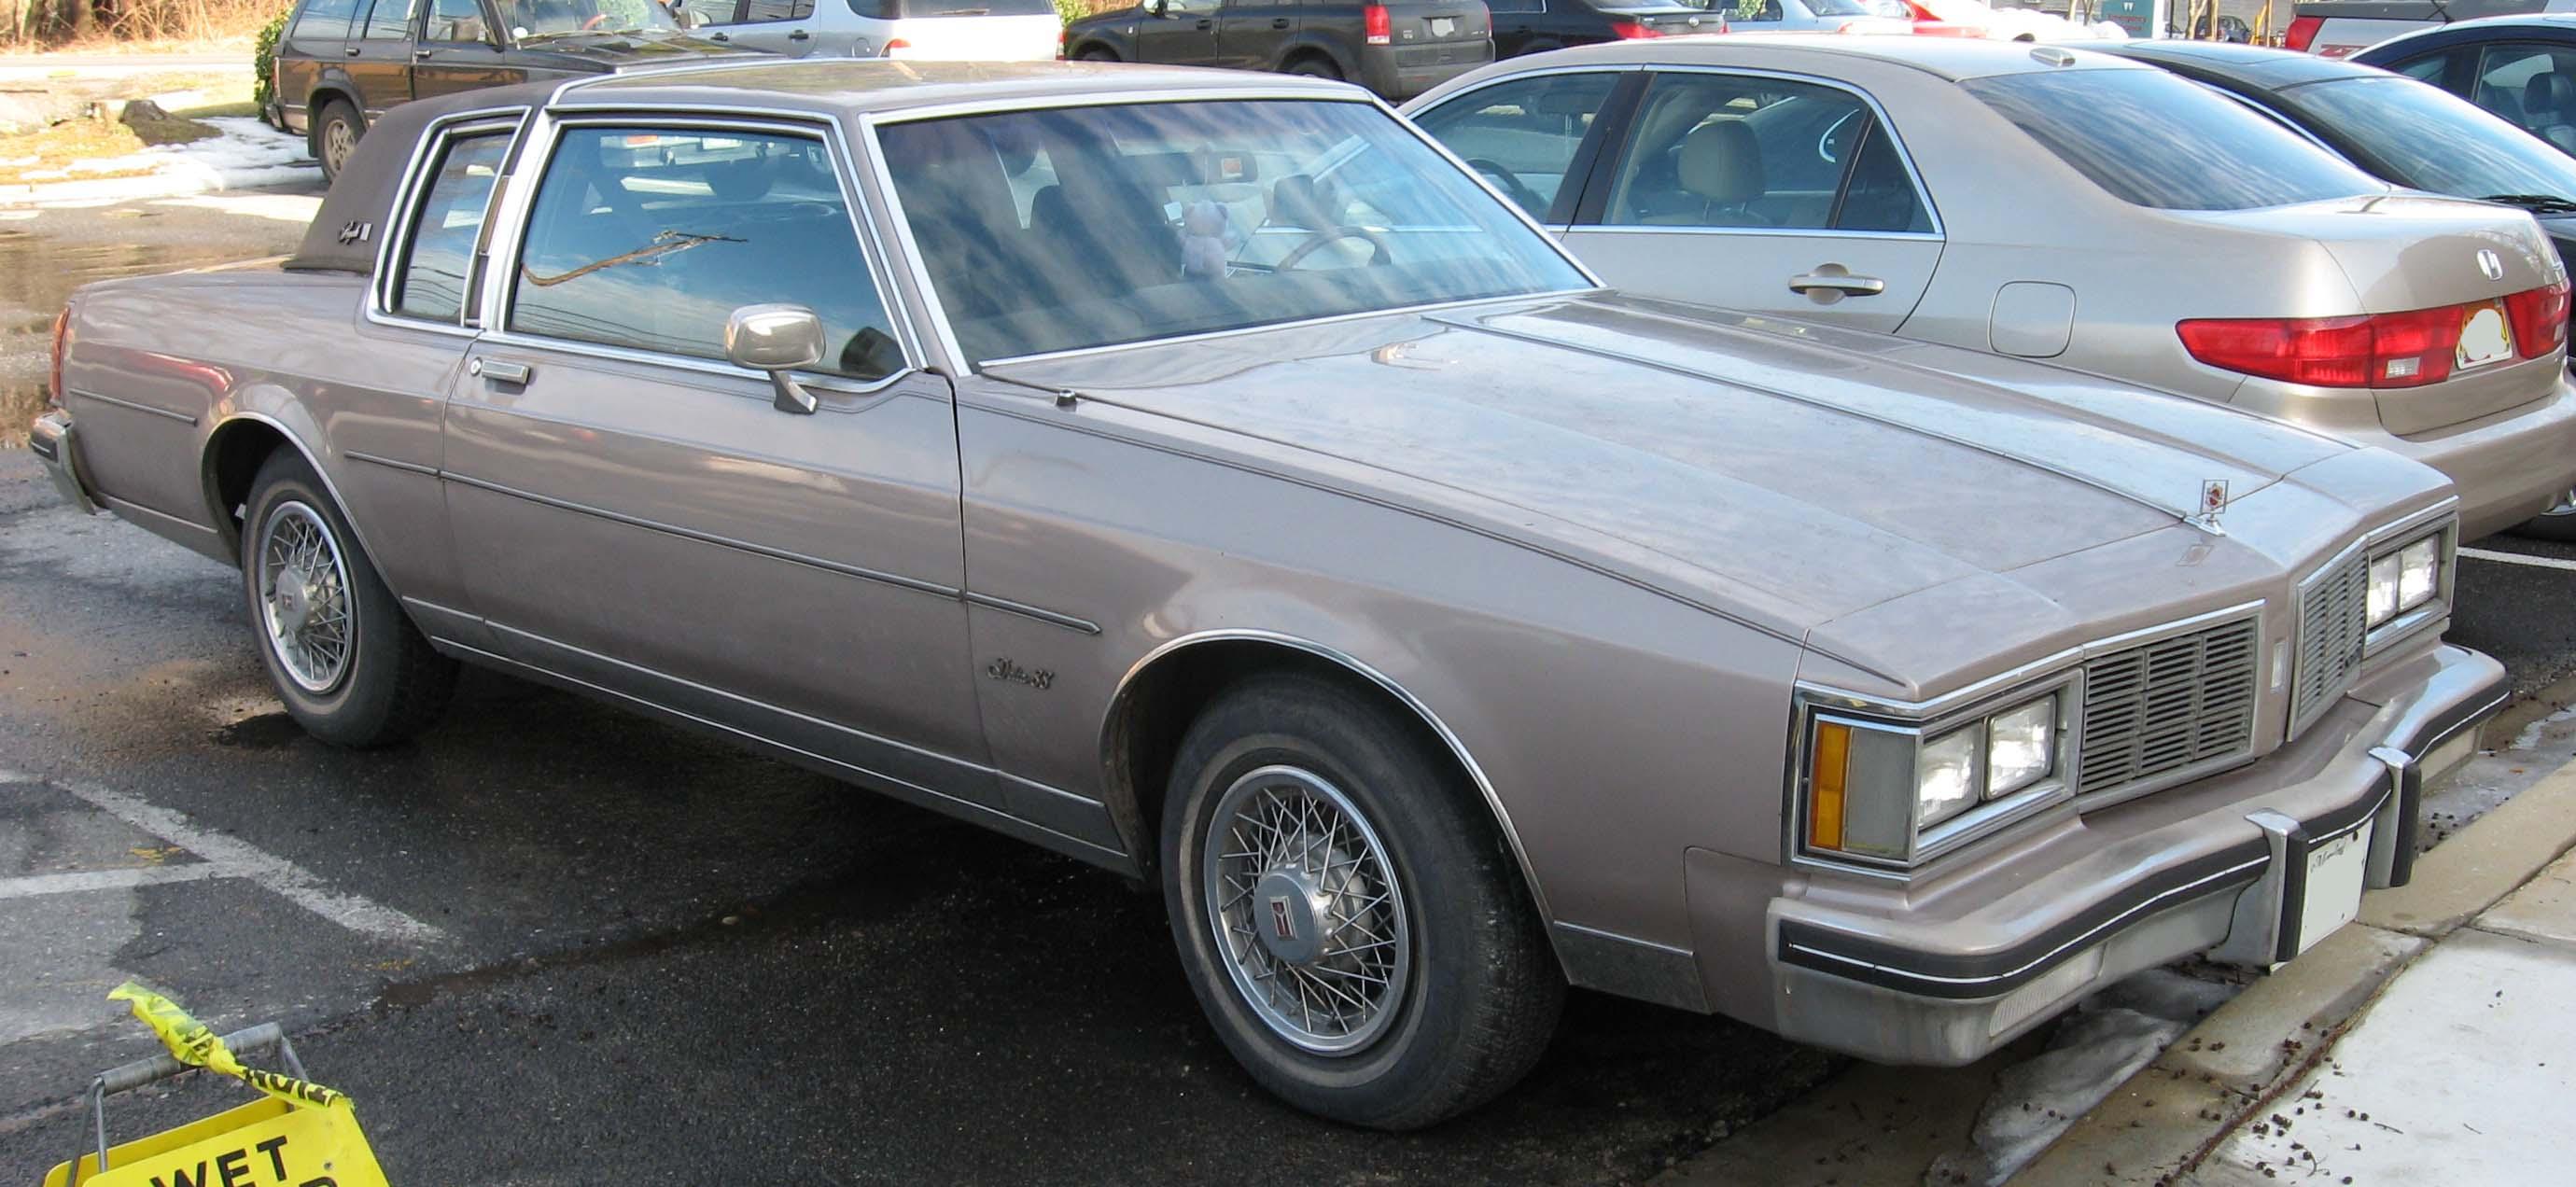 Olds  Parts Car